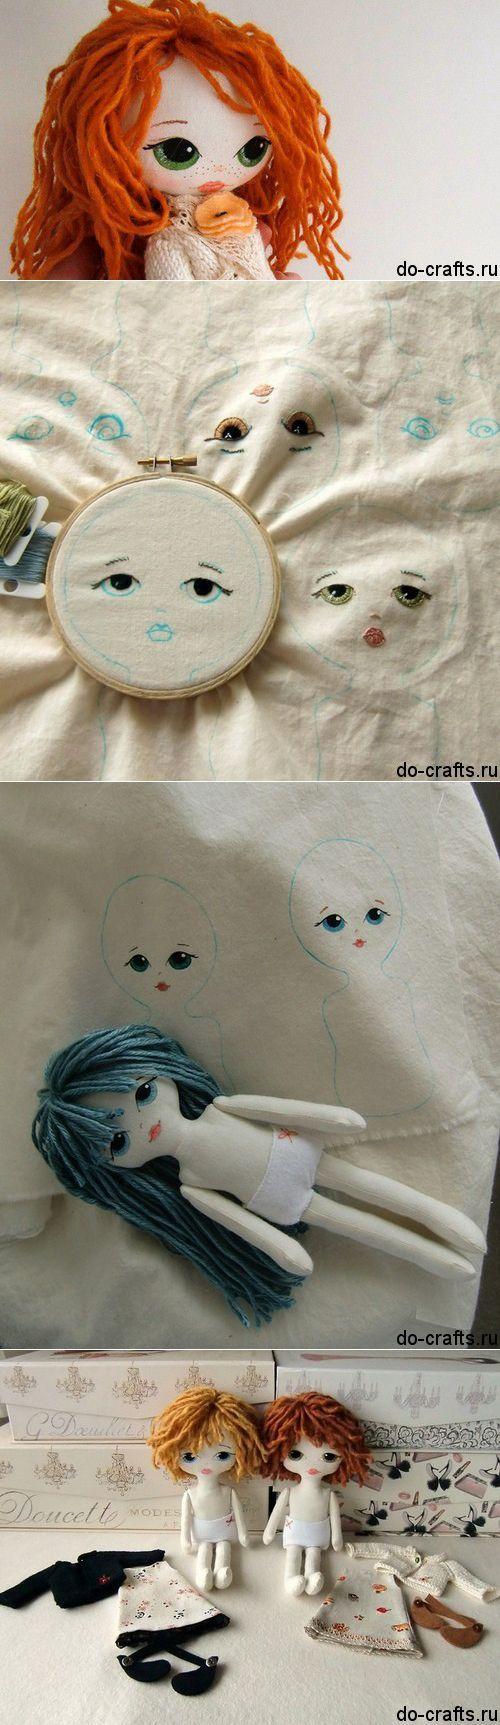 do-crafts.ru